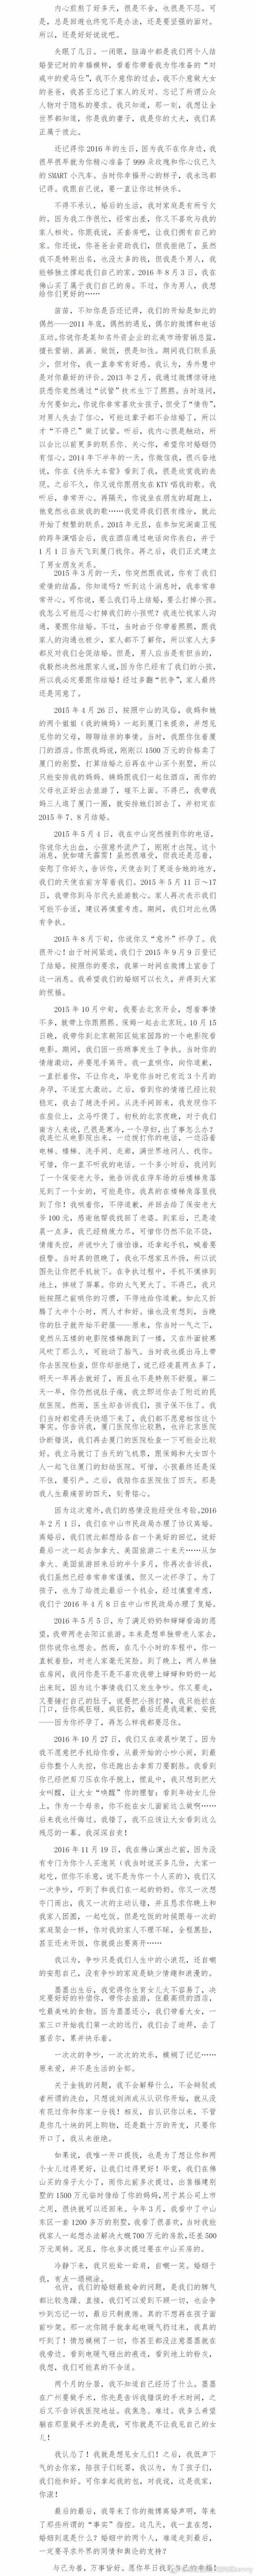 刘洲成回应家暴等传闻 称从未花过前妻一分钱